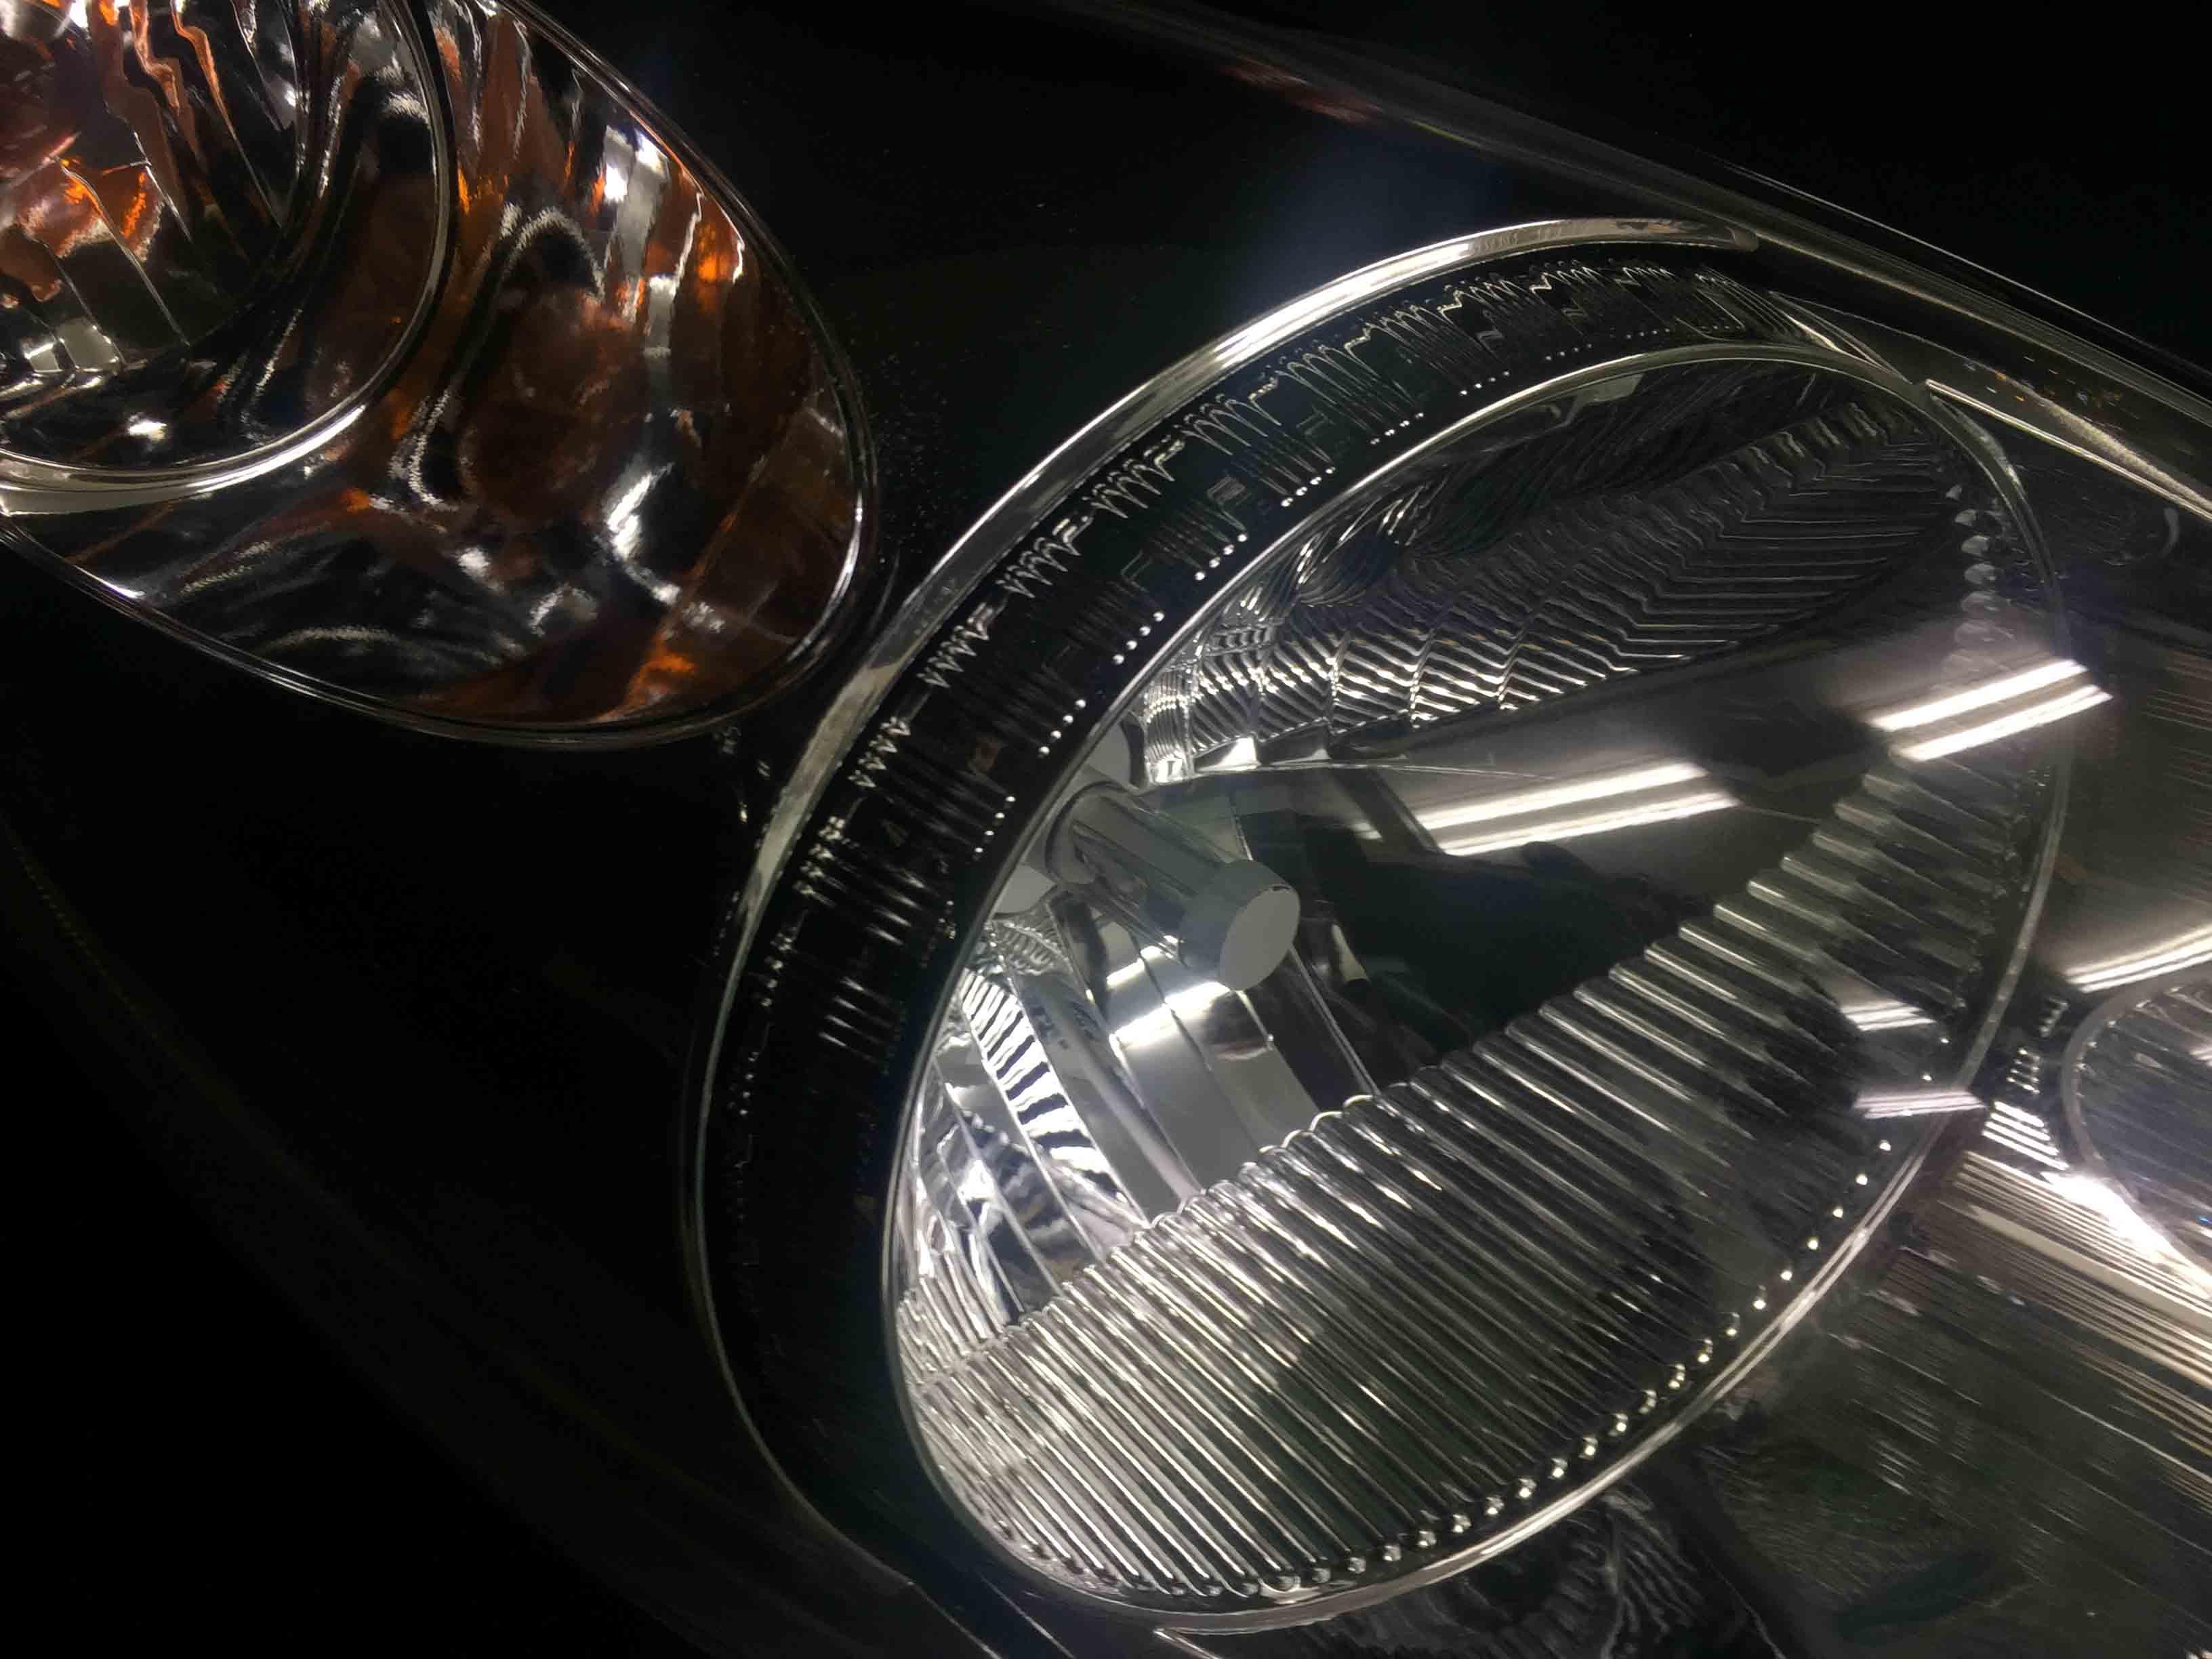 ホンダライフのヘッドライトリフレッシュ後は内部もしっかりと見ることができます